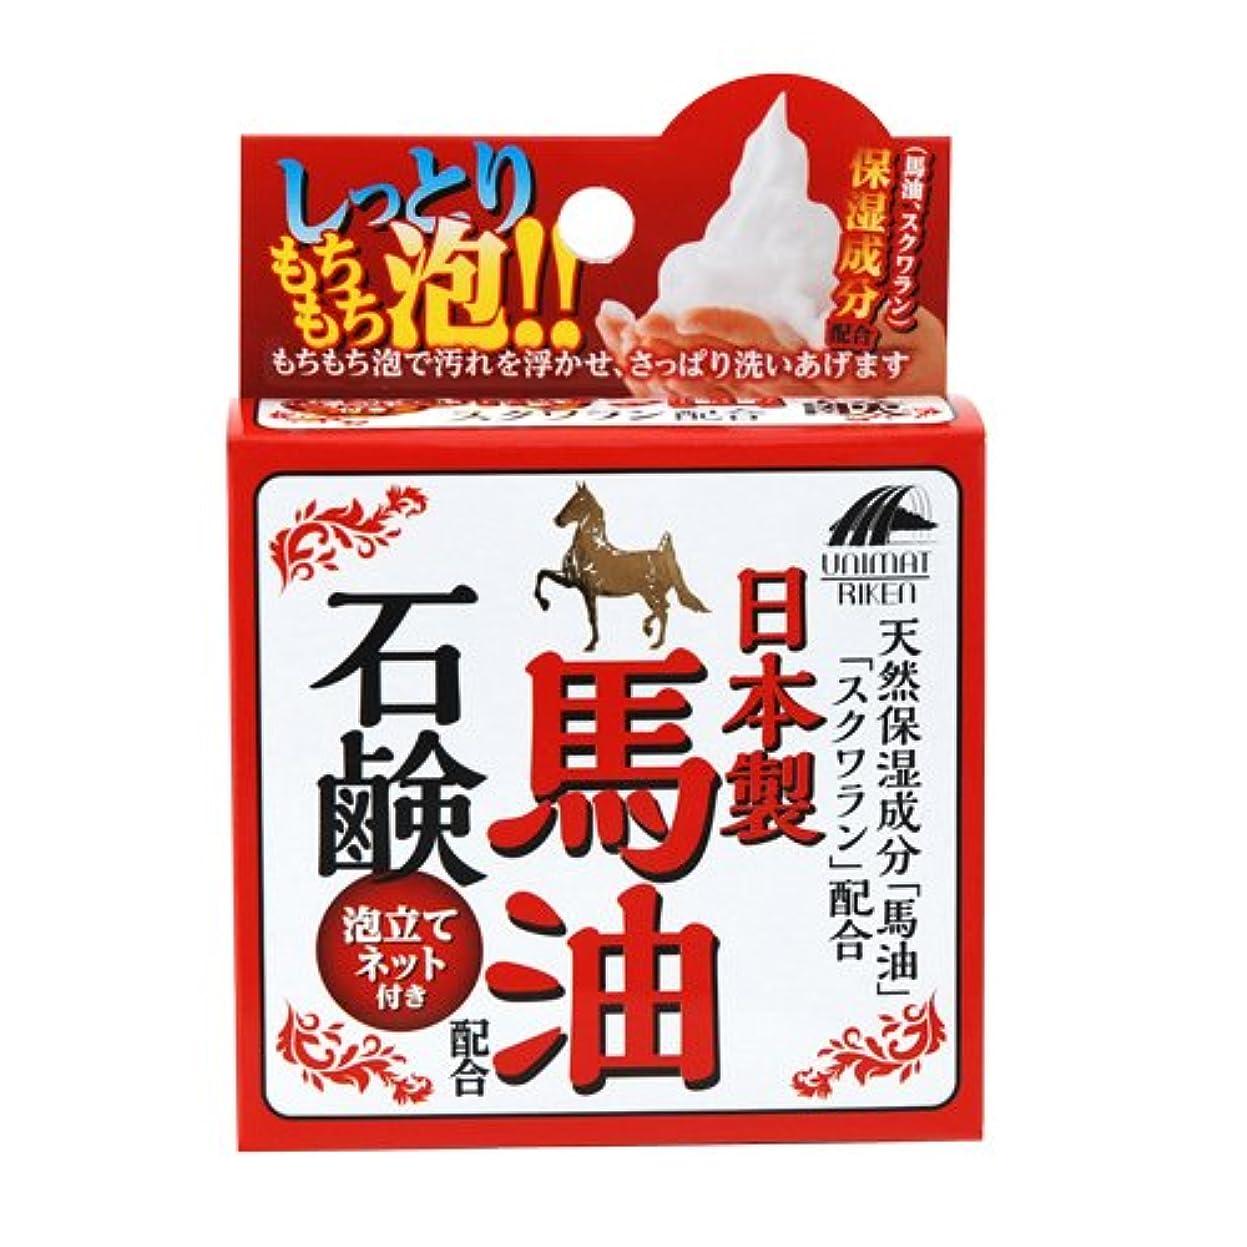 正当化するスライス干ばつユニマットリケン 日本製 馬油石鹸 100g